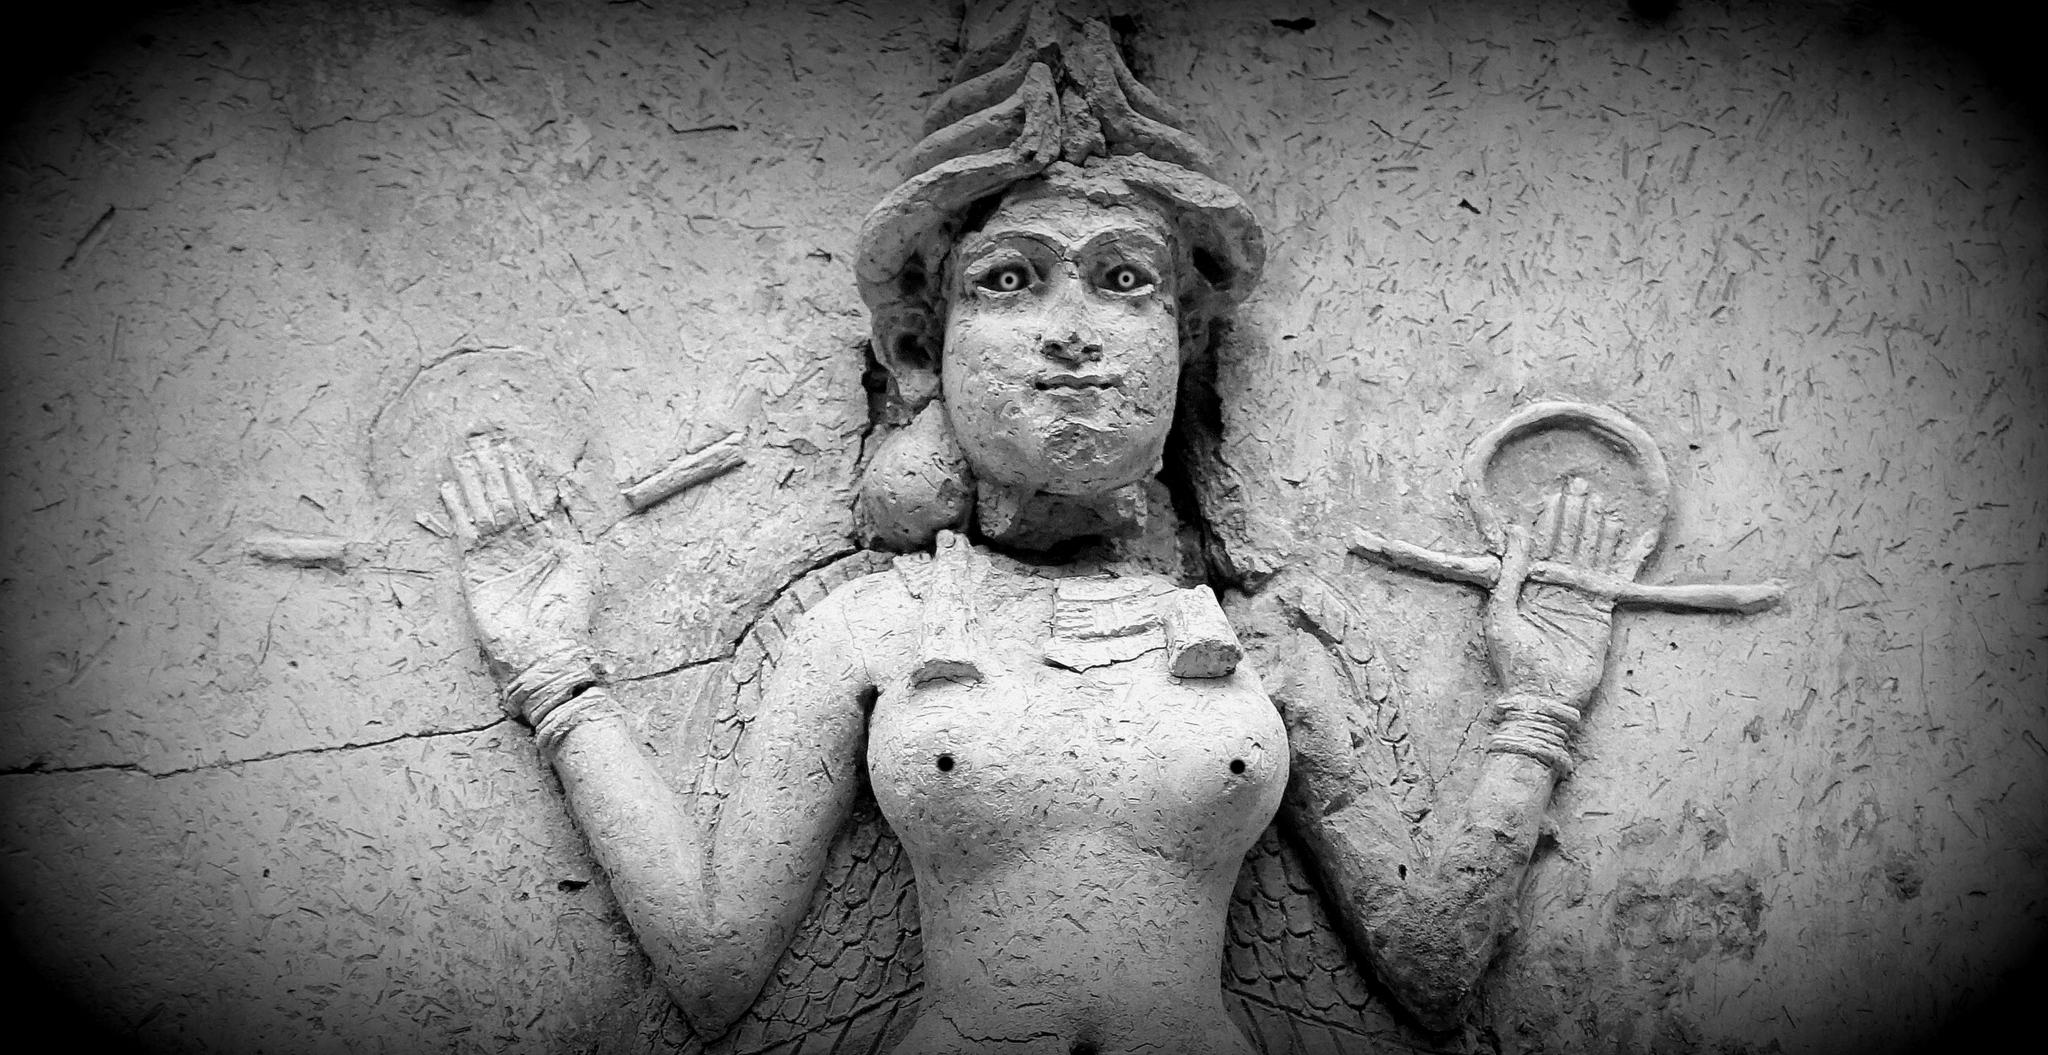 7. Goddess